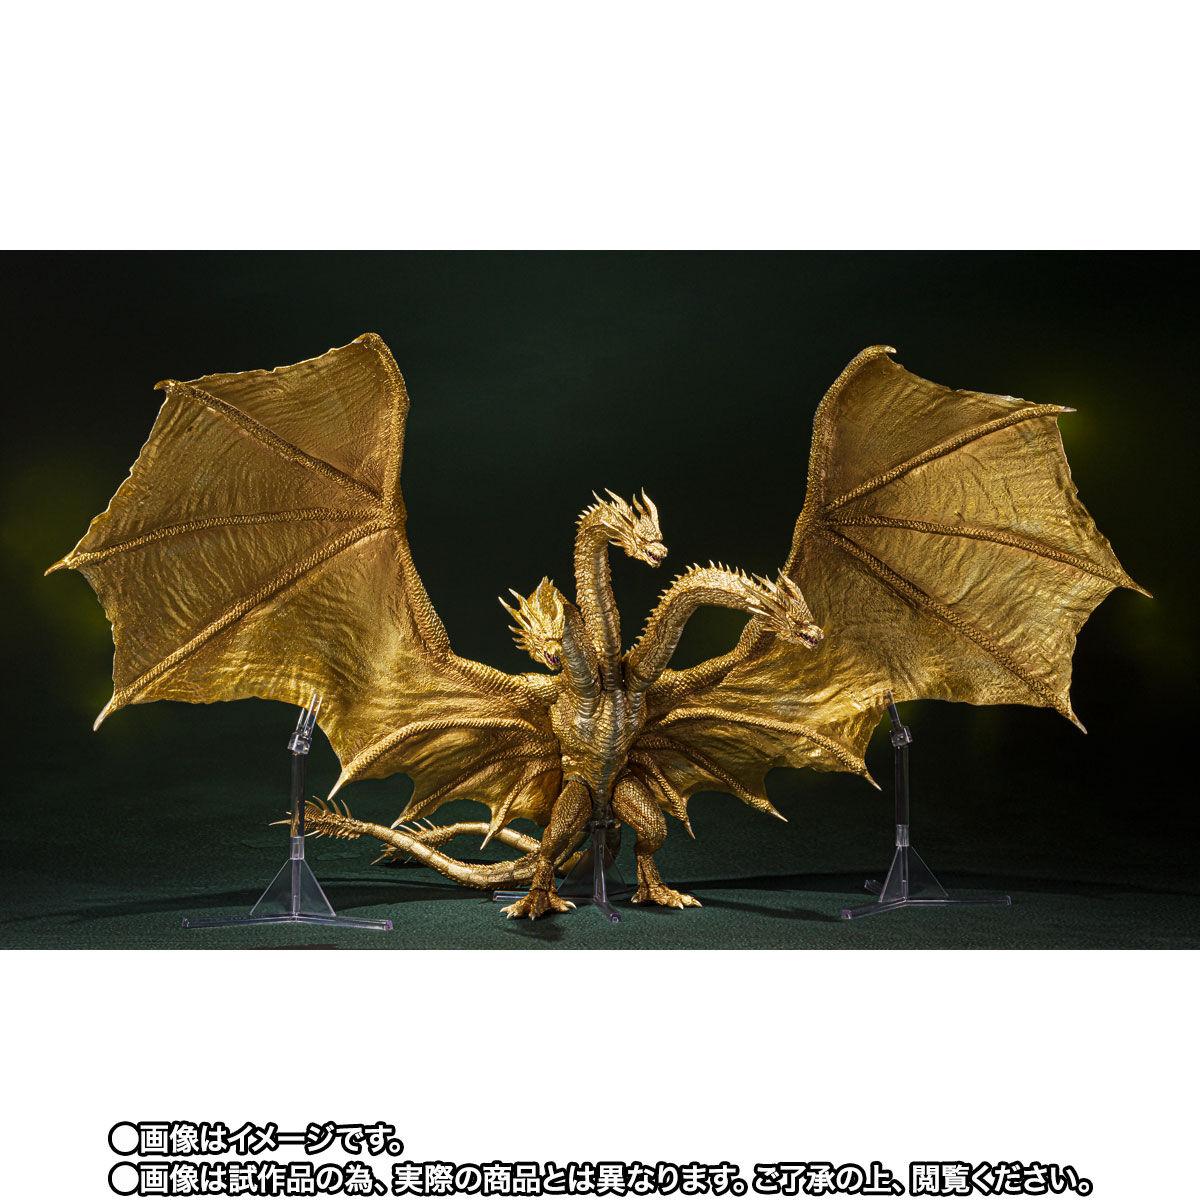 【限定販売】S.H.MonsterArts『キングギドラ(2019)Special Color Ver.』ゴジラ キング・オブ・モンスターズ 可動フィギュア-002